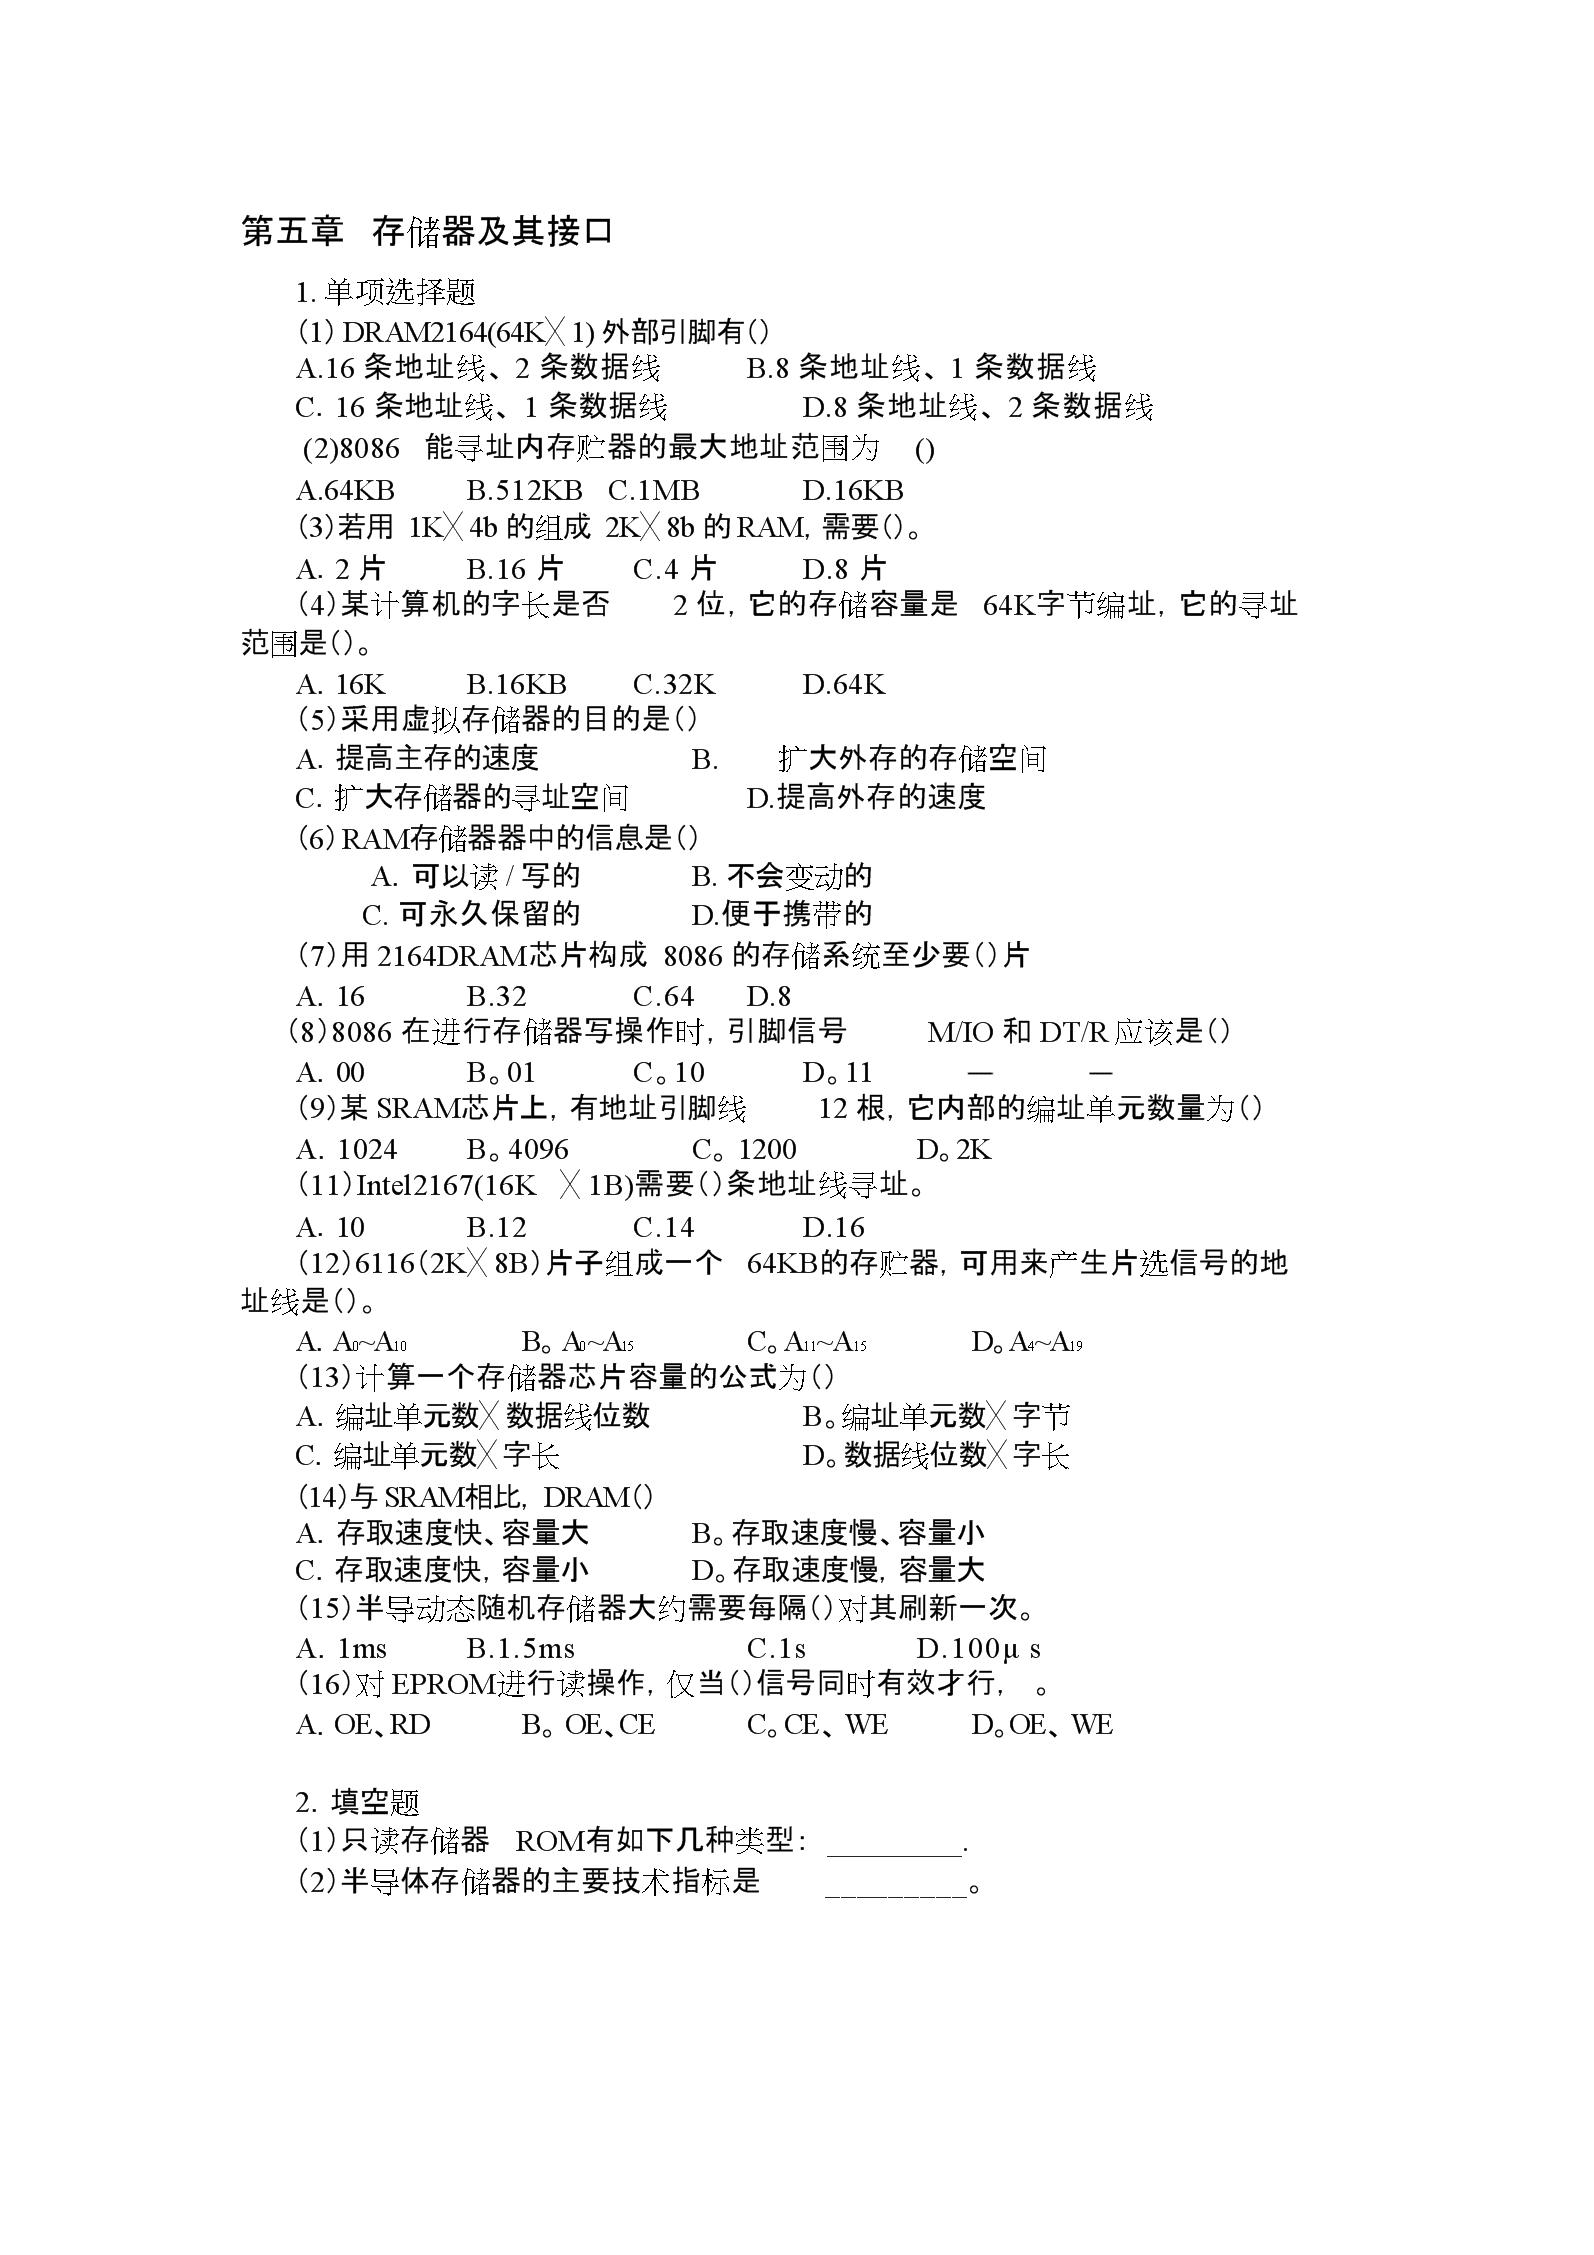 (完整版)第五章存储器习题.doc